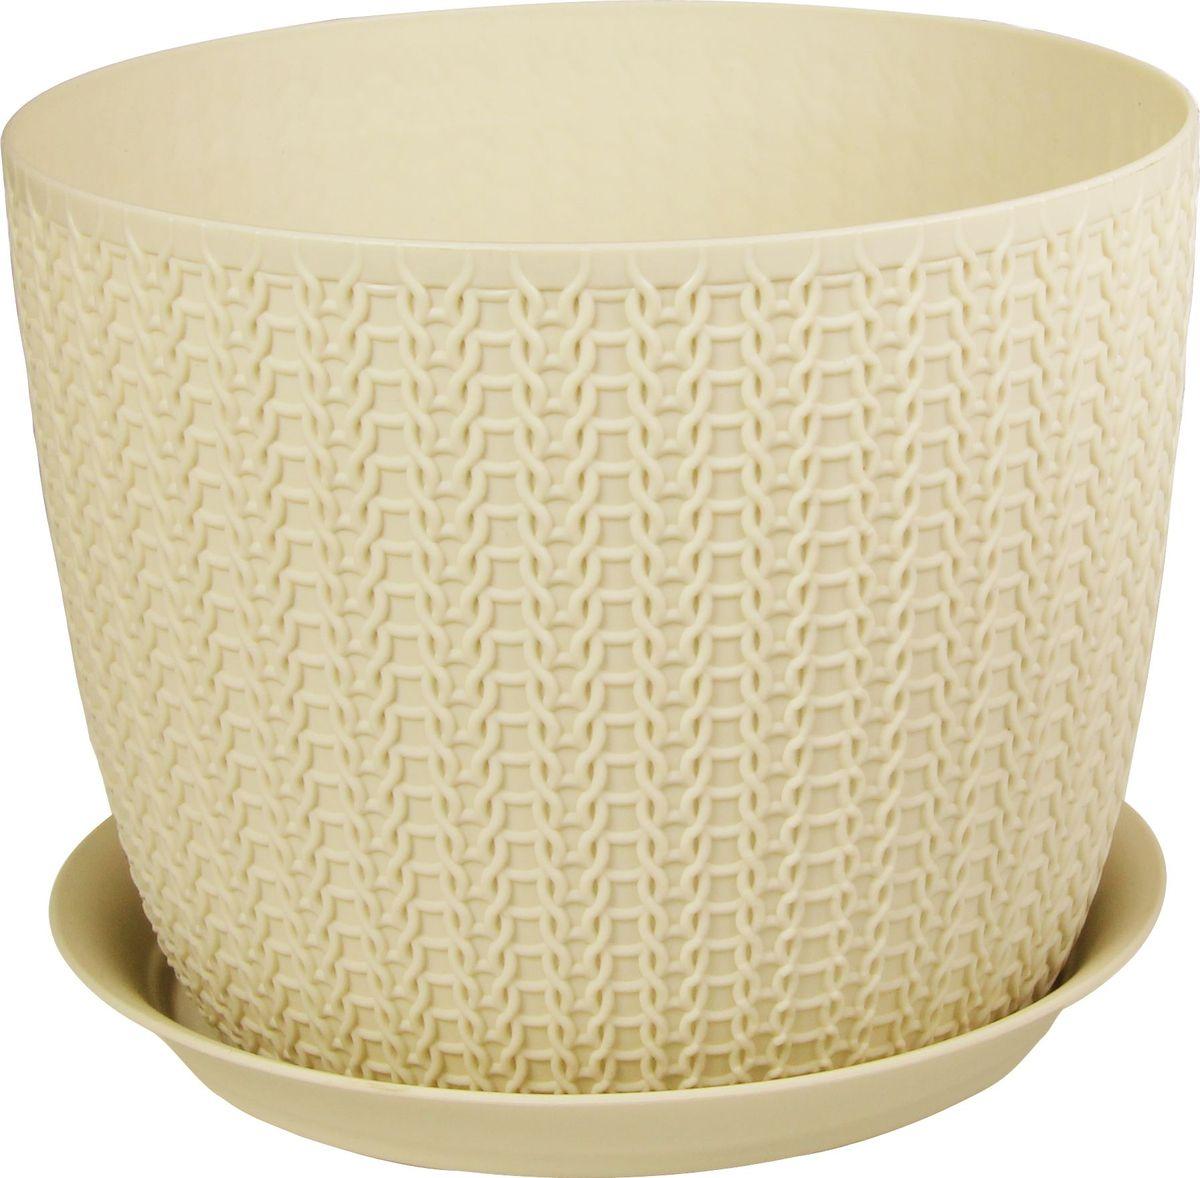 Кашпо Idea Вязание, с поддоном, цвет: белый ротанг, диаметр 15,5 см кашпо idea верона с подставкой цвет белый диаметр 18 см